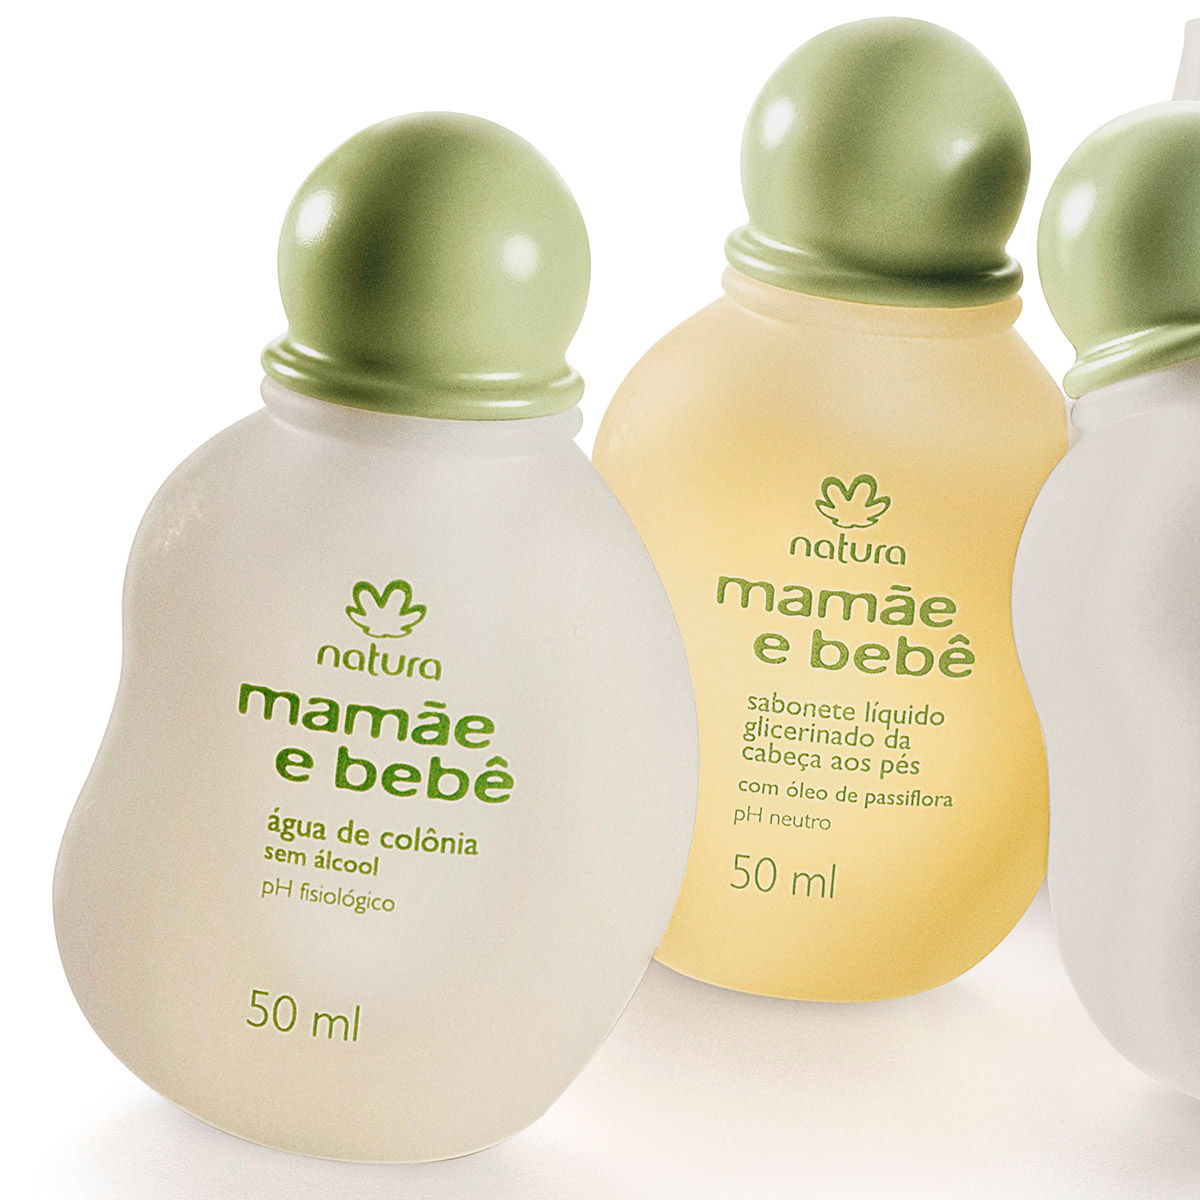 Conjunto Natura Mamãe e Bebê Miniaturas - 83952